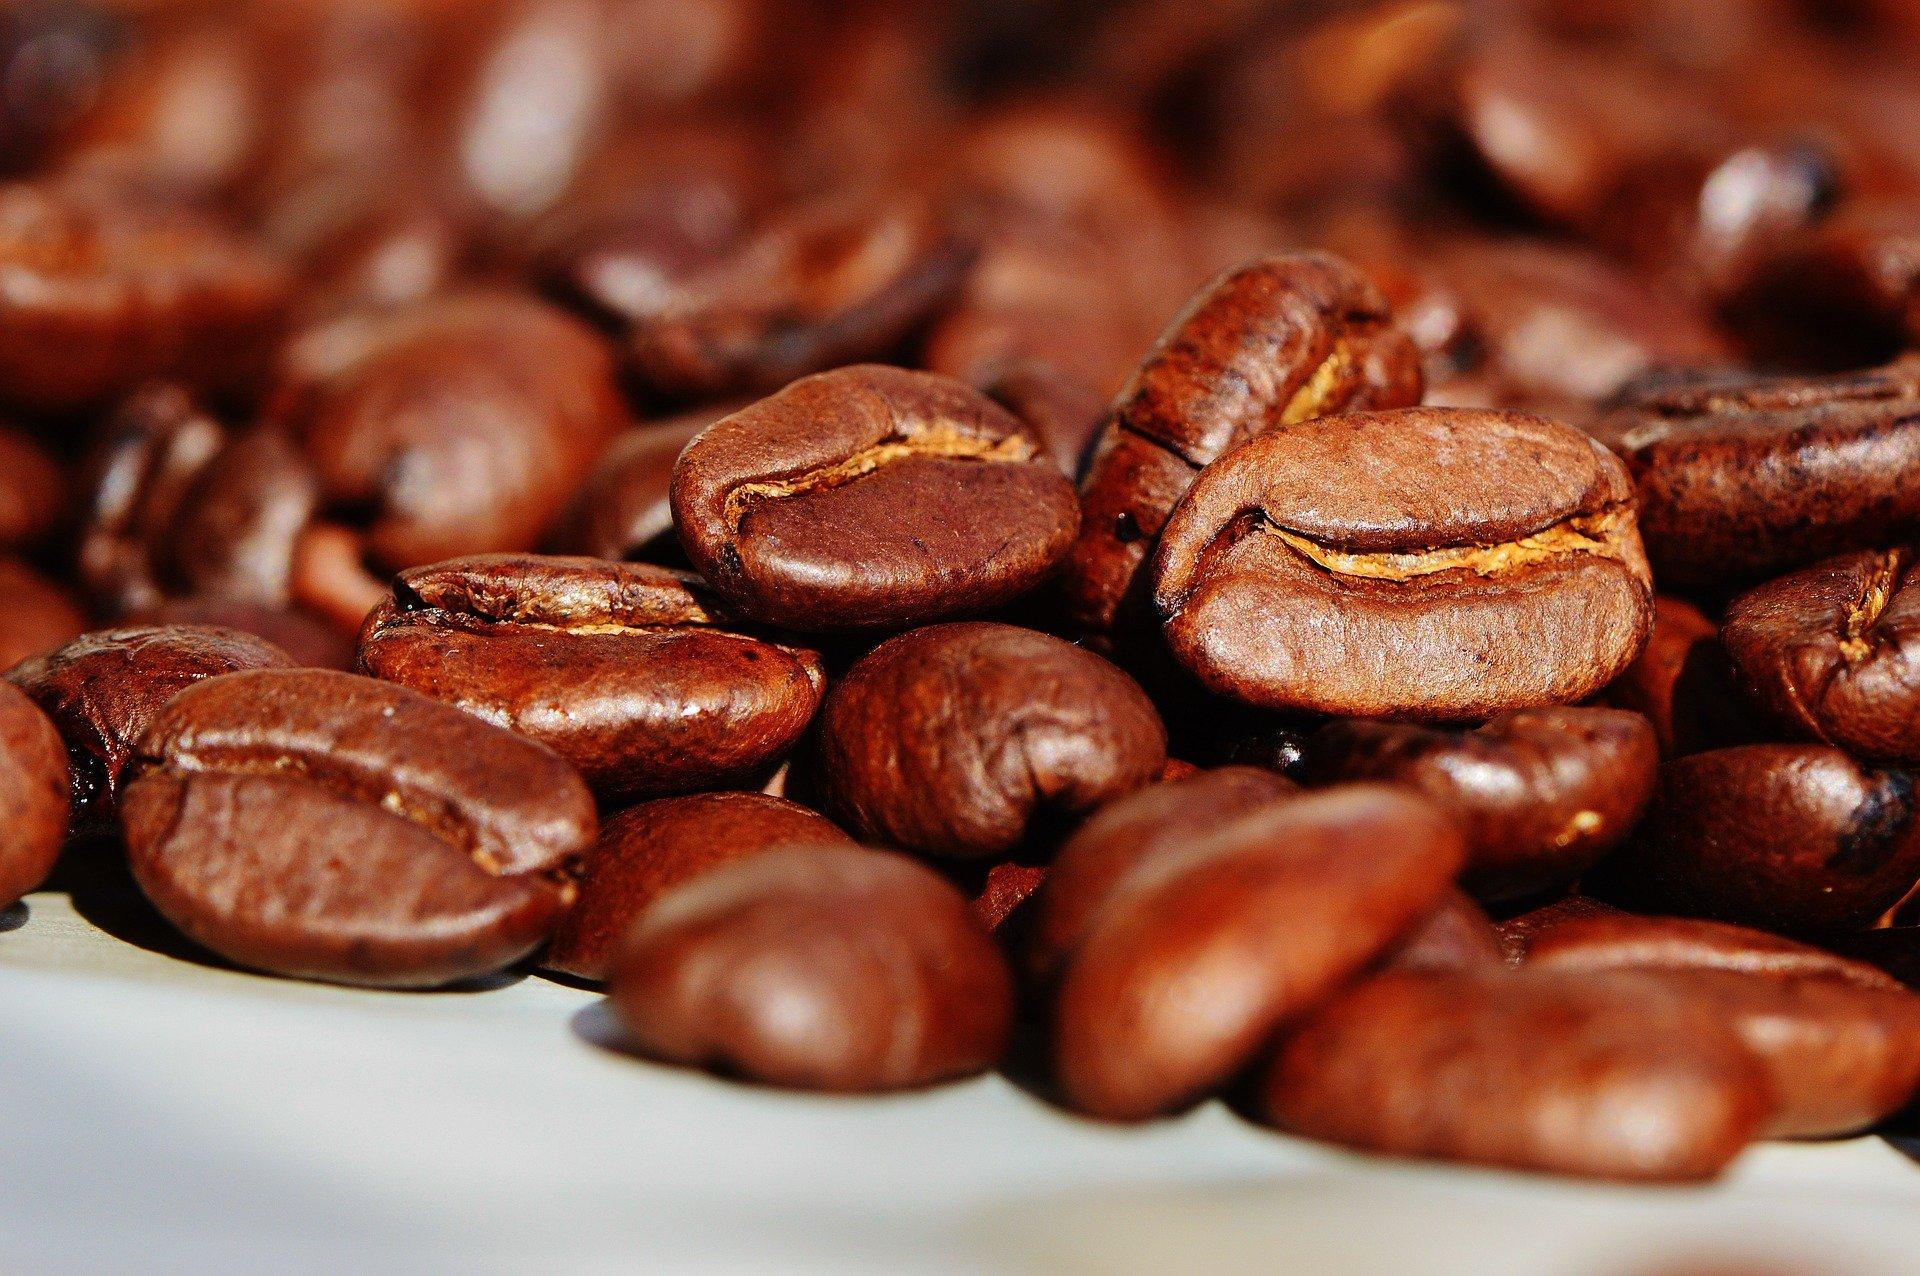 Pourquoi consommer du café en grain ?